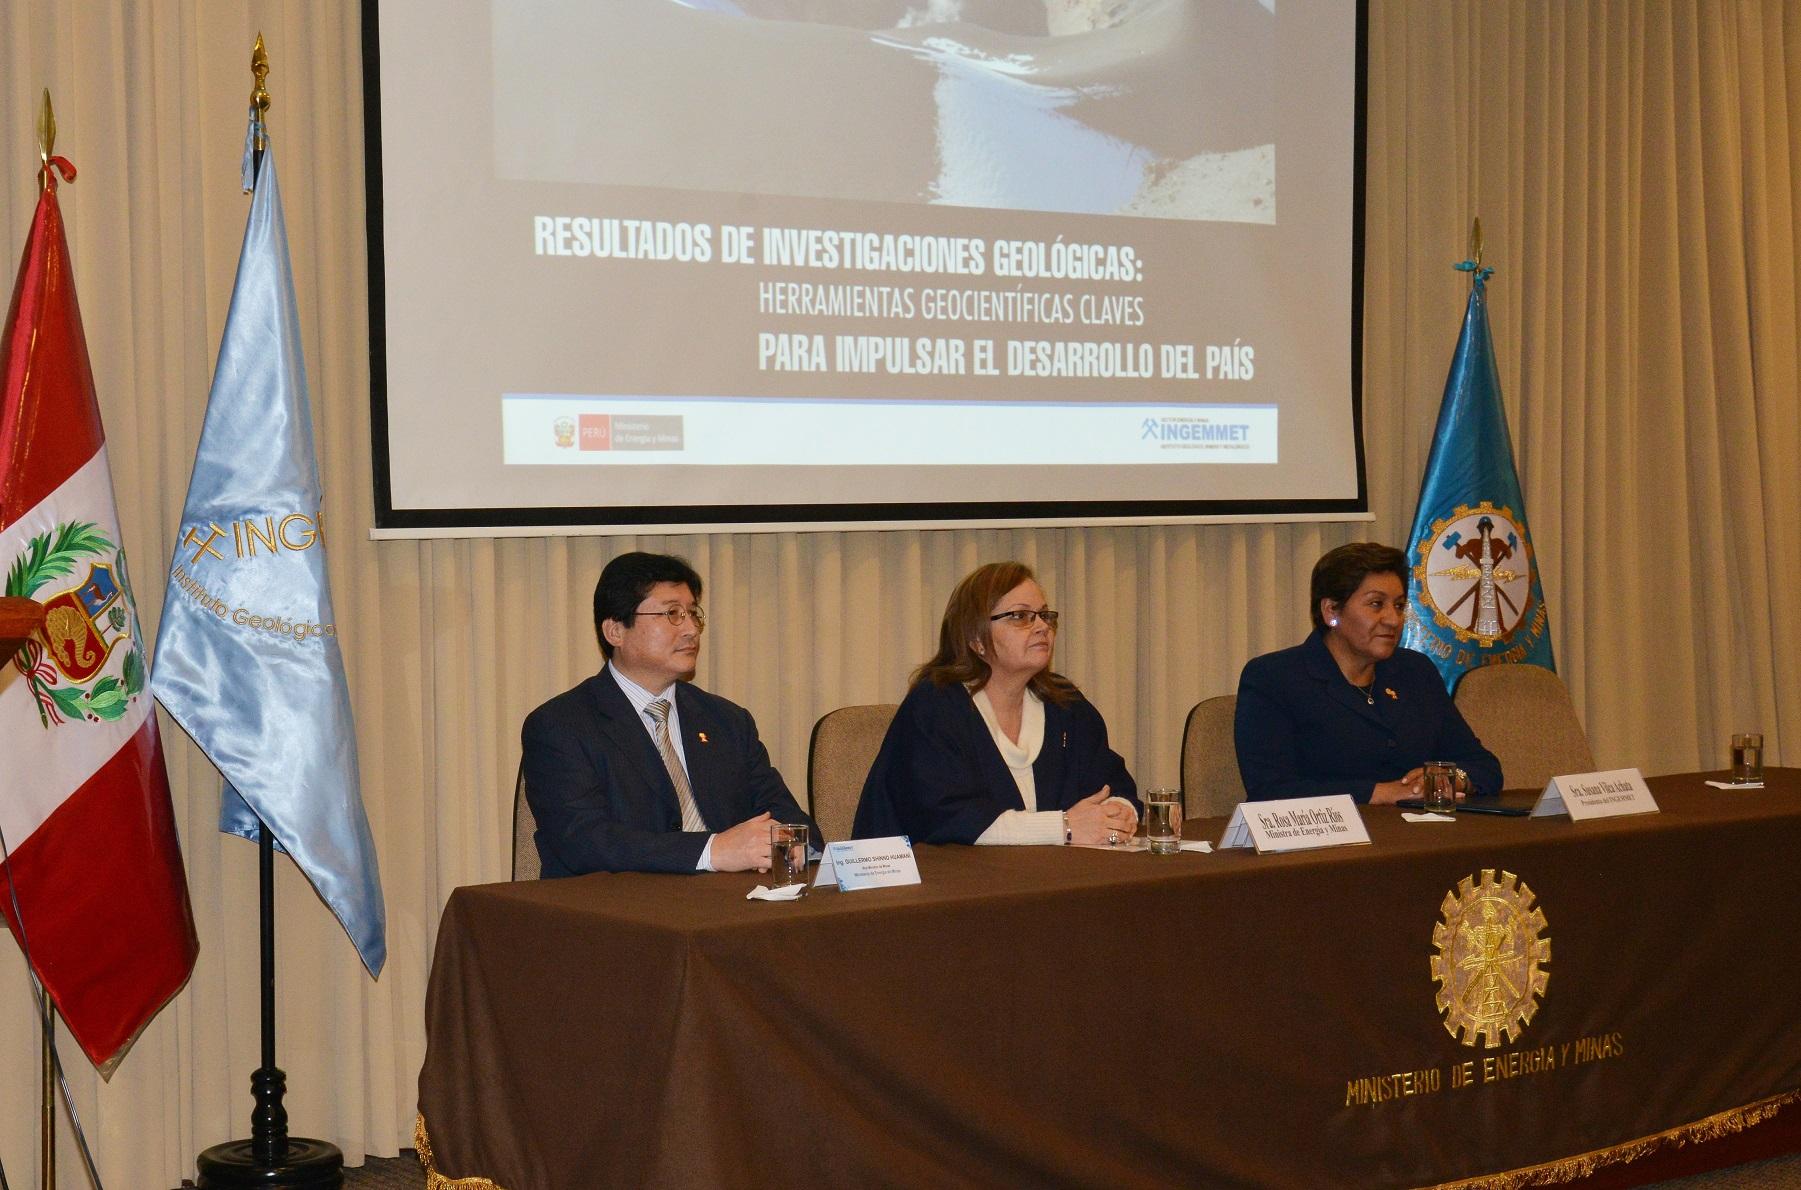 Viceministro de Minas, Guillermo Shinno; Ministra de Energía y Minas, Rosa María Ortiz; Presidenta del Ingemmet, Susana Vilca